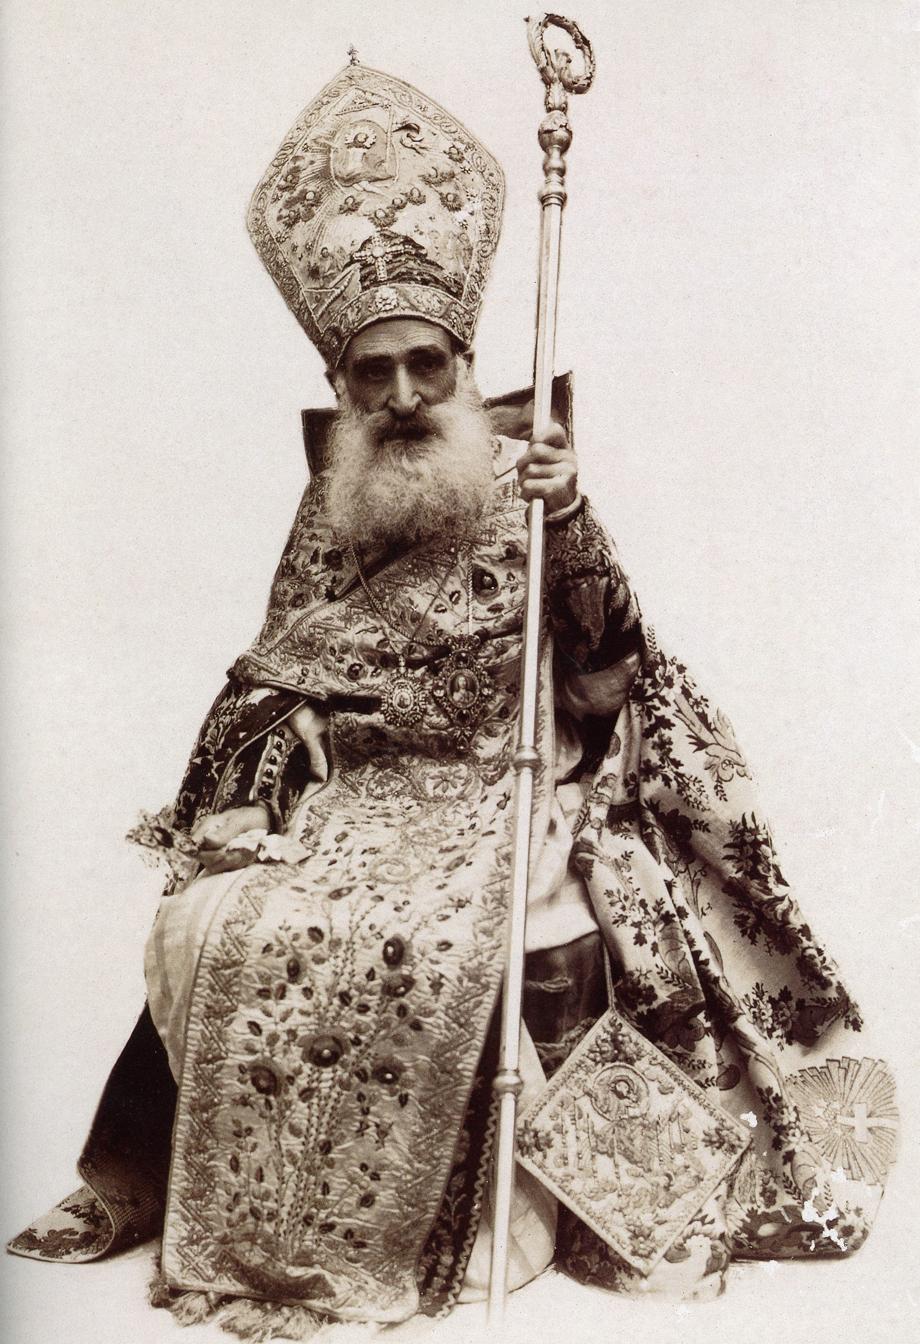 Catholicos Sahag I Khabayan (1902-1939)